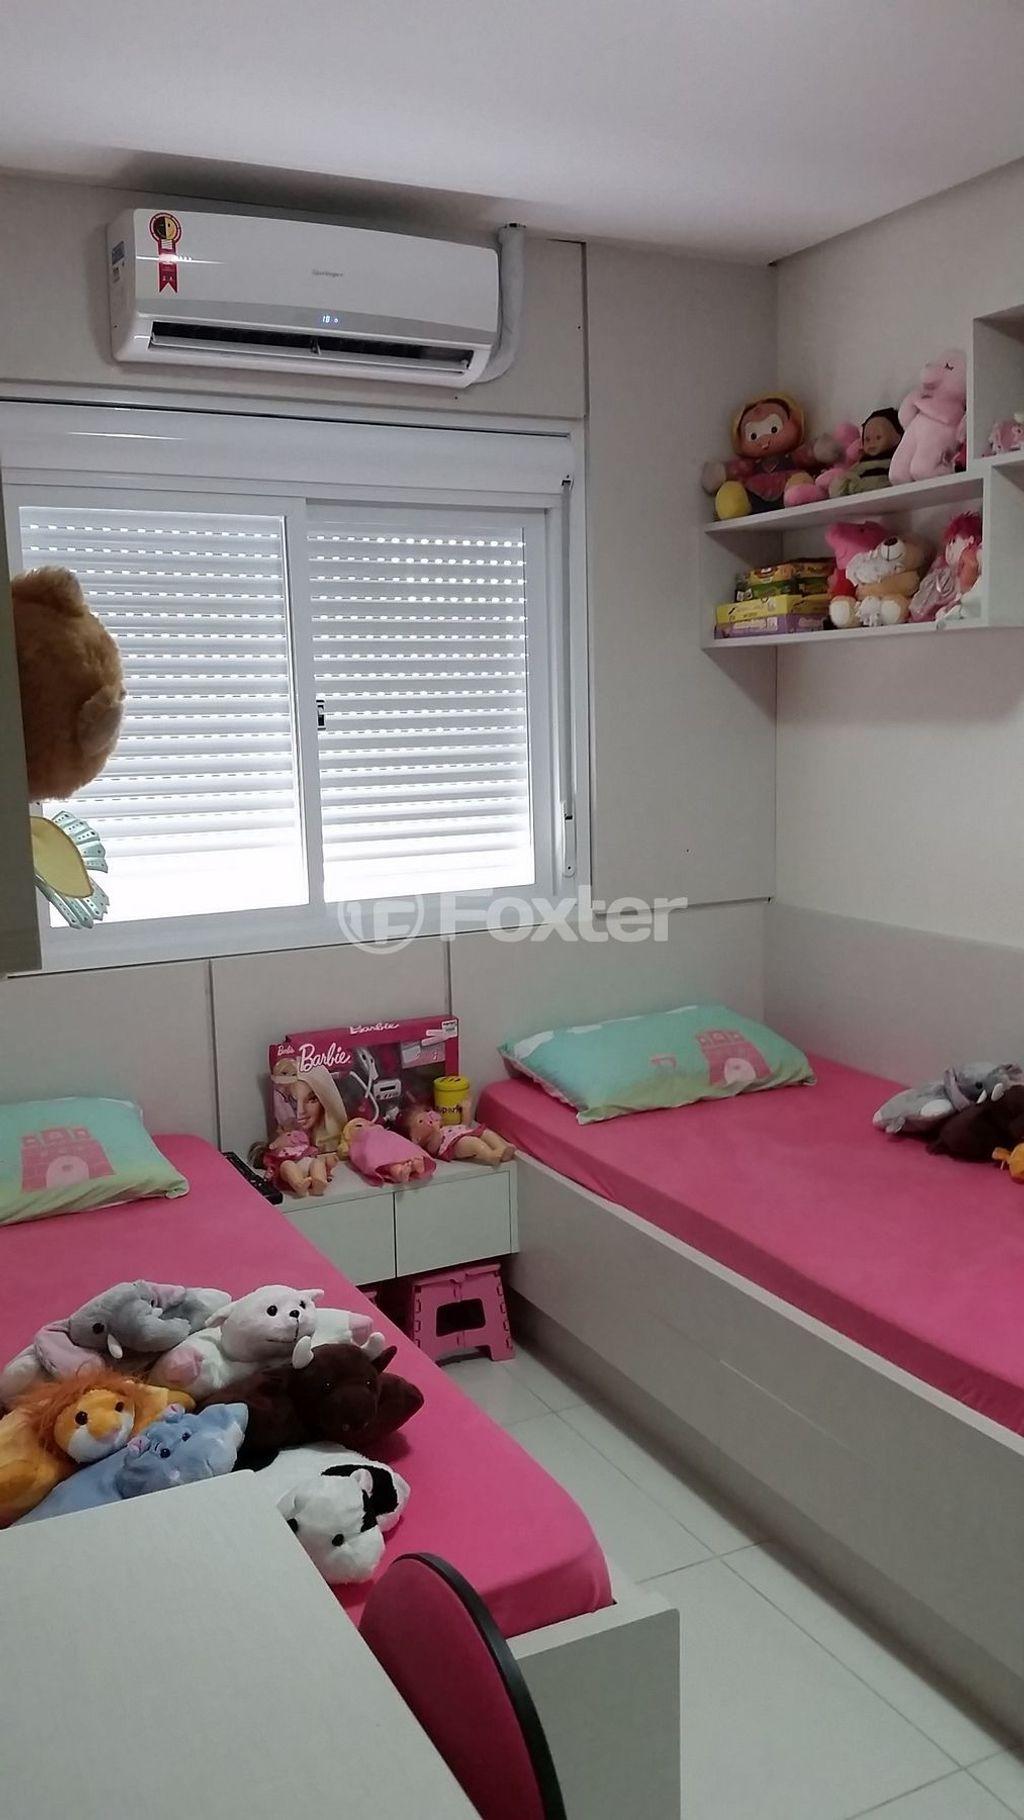 Foxter Imobiliária - Casa 3 Dorm, Olaria, Canoas - Foto 20